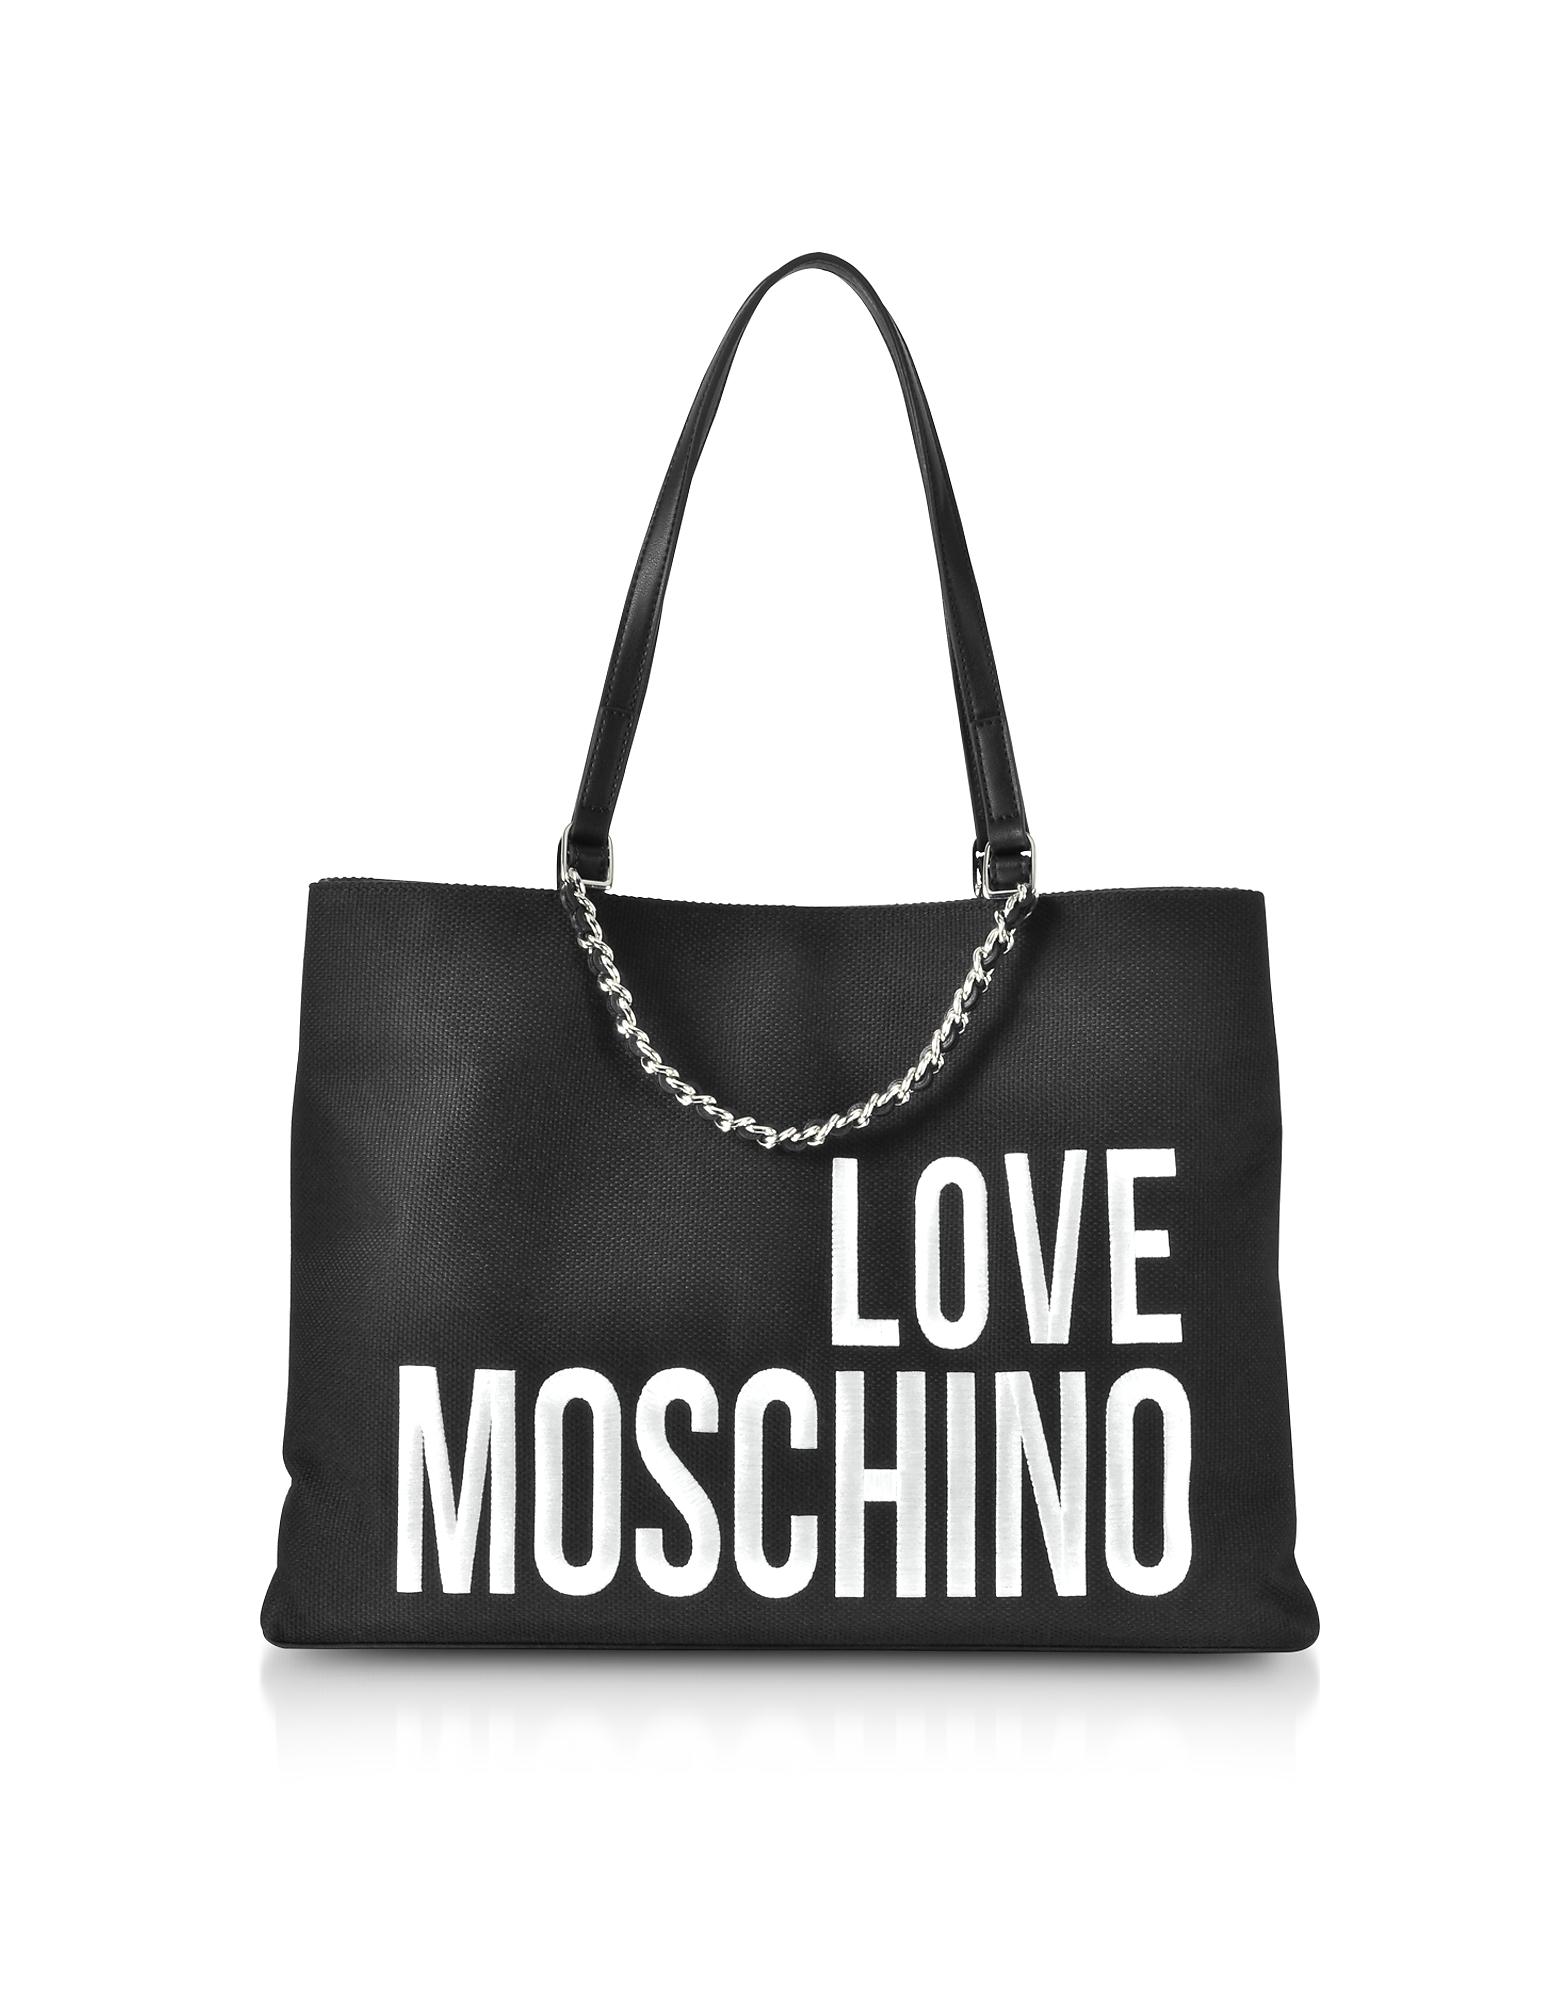 LOVE MOSCHINO Canvas Tote Bag W/ Maxi Logo in Black